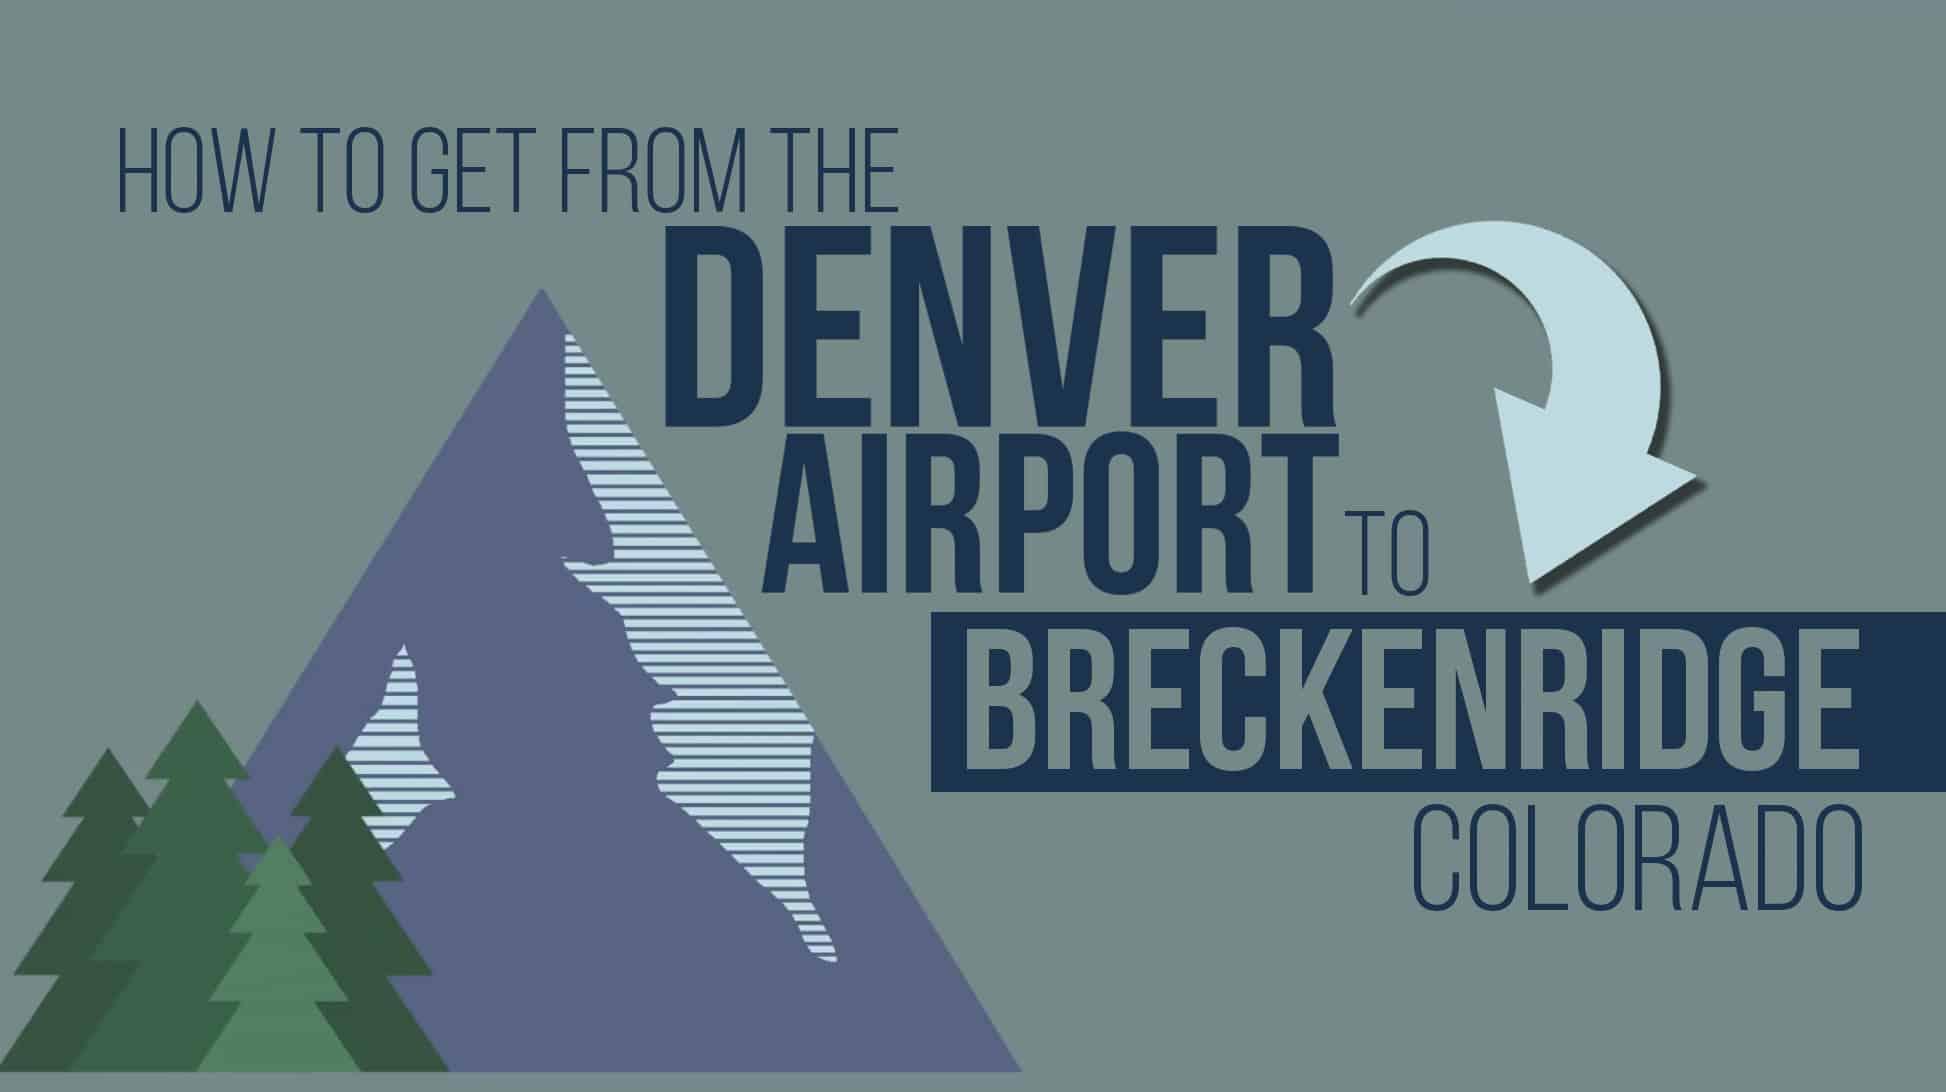 Denver Airport to Breckenridge Colorado